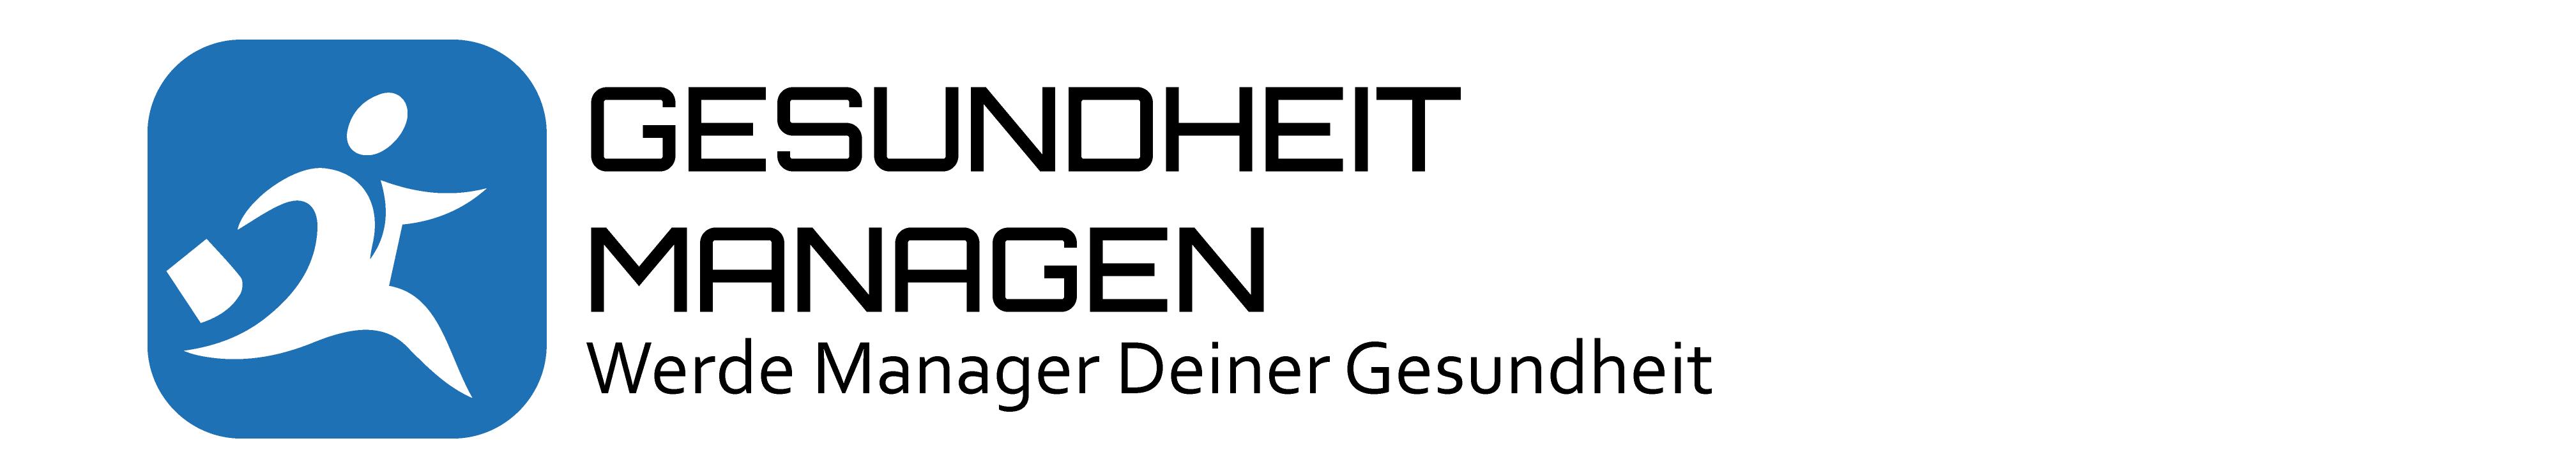 gesundheit-managen.de